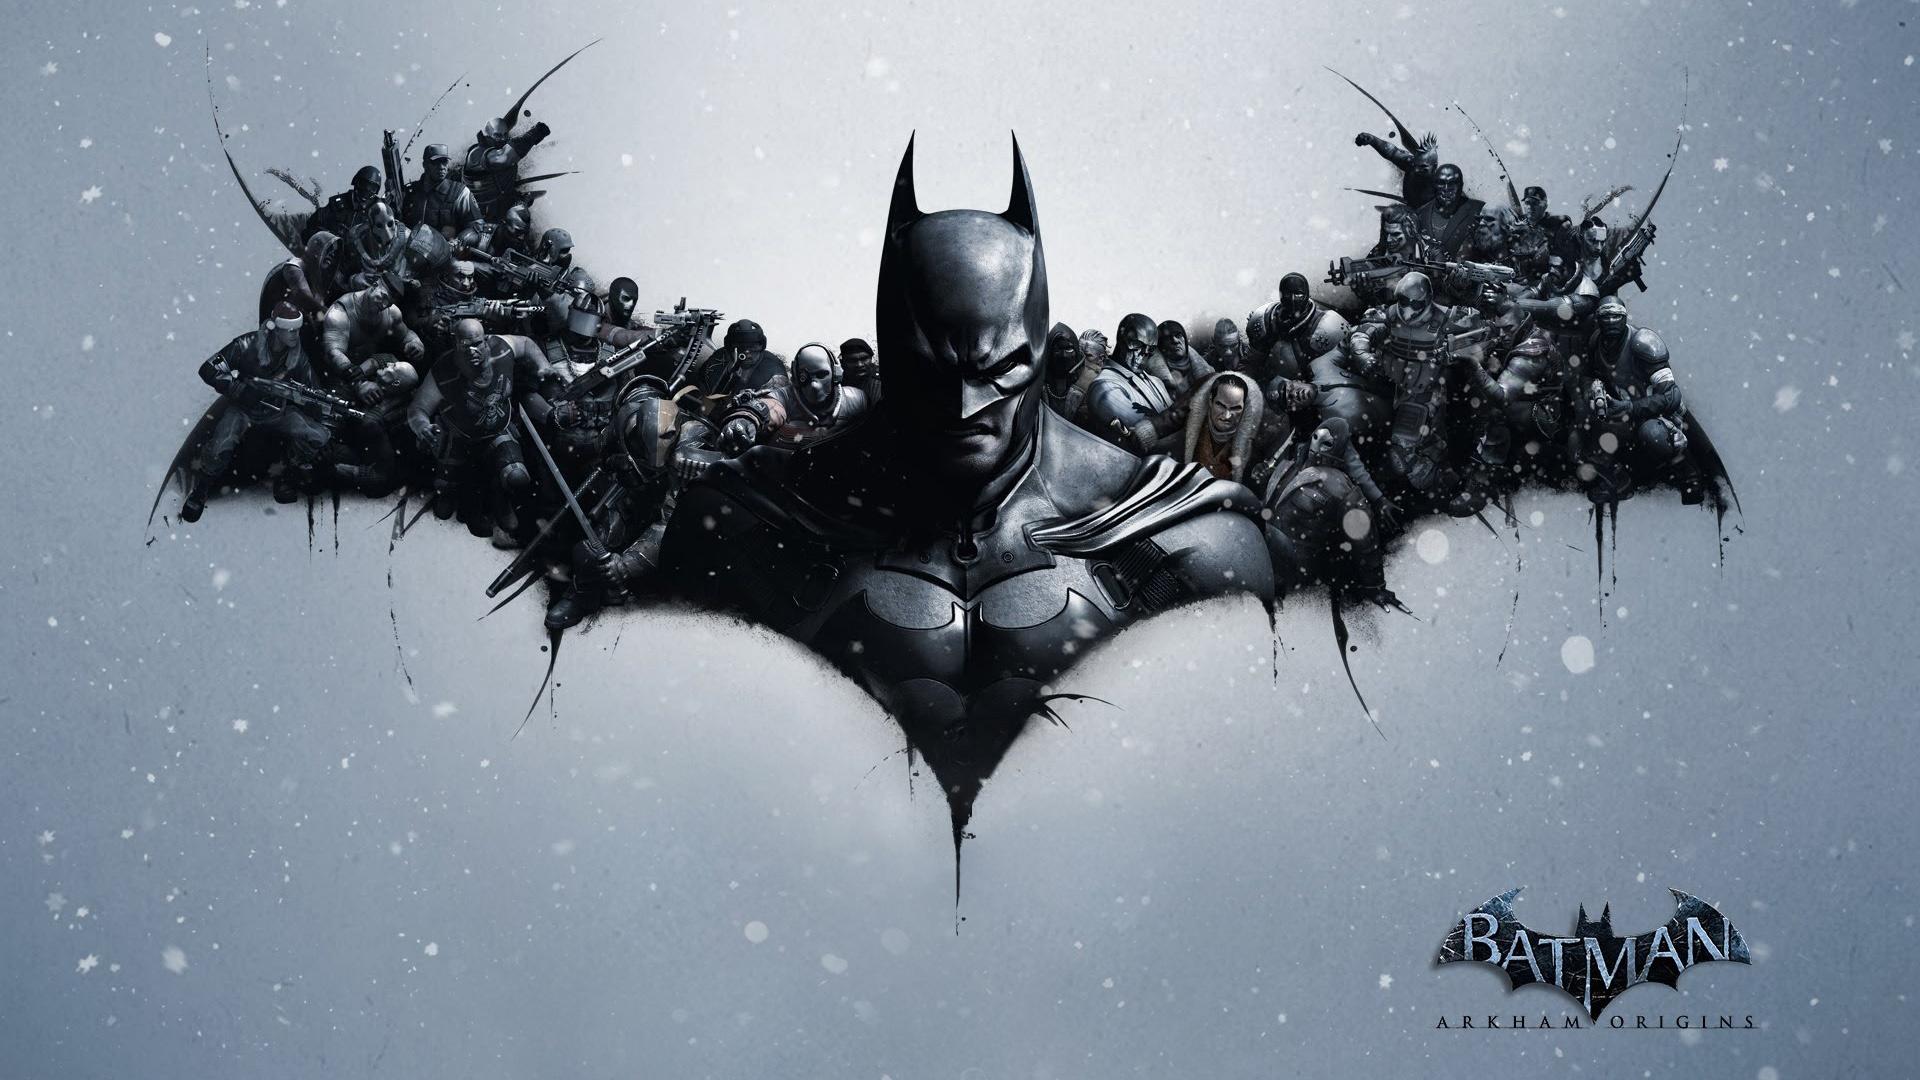 Wallpaper de Batman